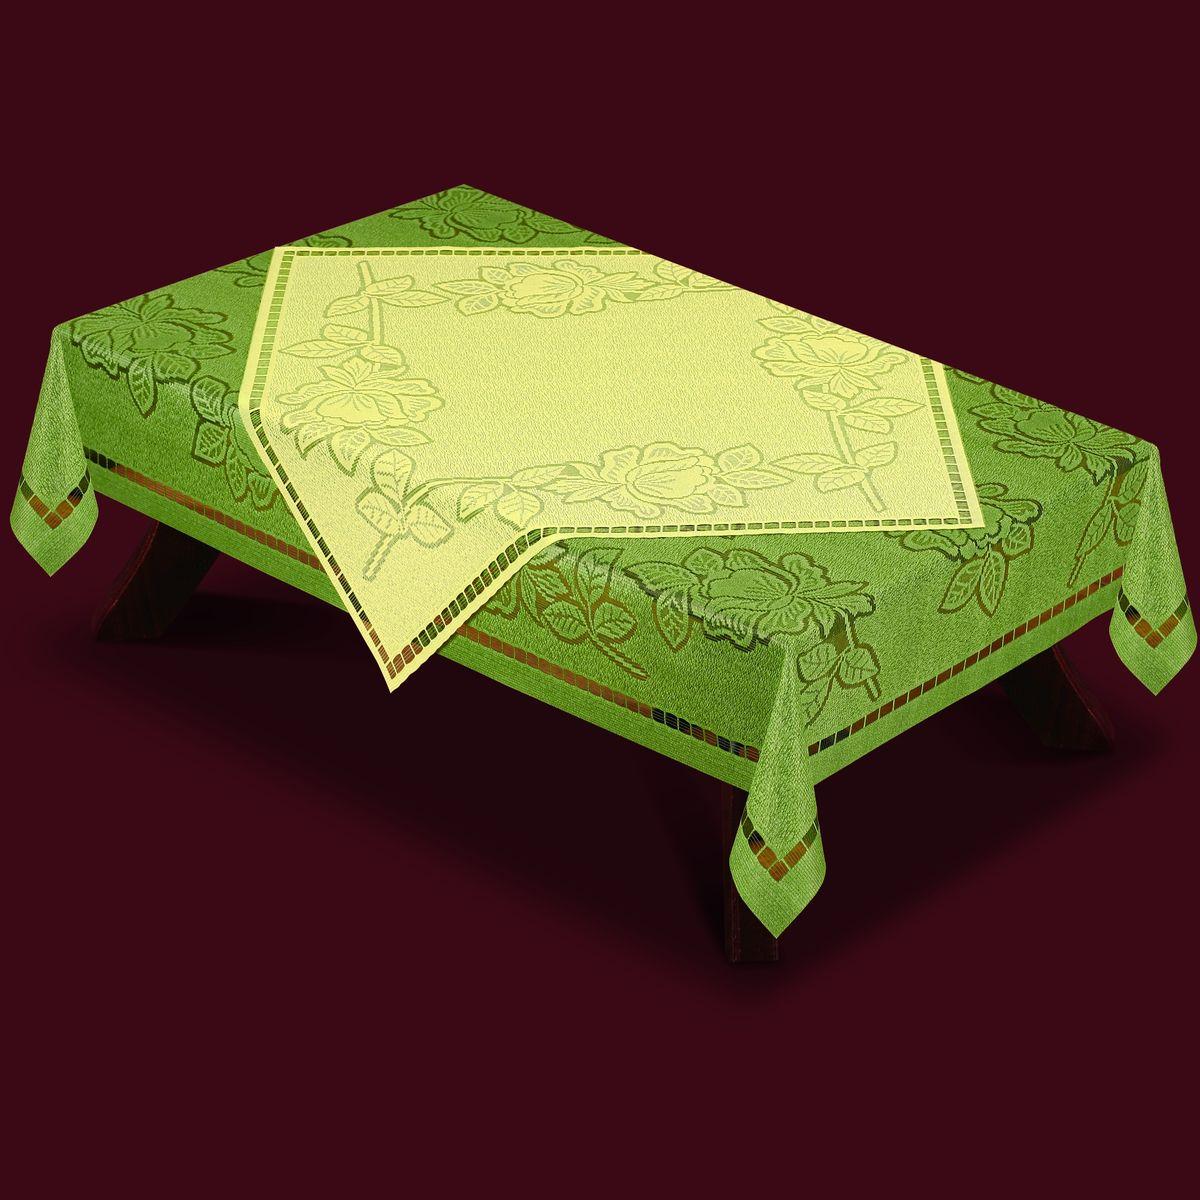 Скатерть Haft, с накладкой, прямоугольная, цвет: оливковый, молочный, 180 x 130 см. 46370-13046370-130Великолепная прямоугольная скатерть Haft, выполненная из полиэстера, органично впишется в интерьер любого помещения, а оригинальный дизайн удовлетворит даже самый изысканный вкус. Скатерть изготовлена из сетчатого материала с ажурным цветочным рисунком. В комплекте квадратная накладка, декорированная ажурным цветочным рисунком. Комплект Haft создаст праздничное настроение и станет прекрасным дополнением интерьера гостиной, кухни или столовой. Размер скатерти: 180 см х 130 см. Размер накладки: 80 см х 80 см.